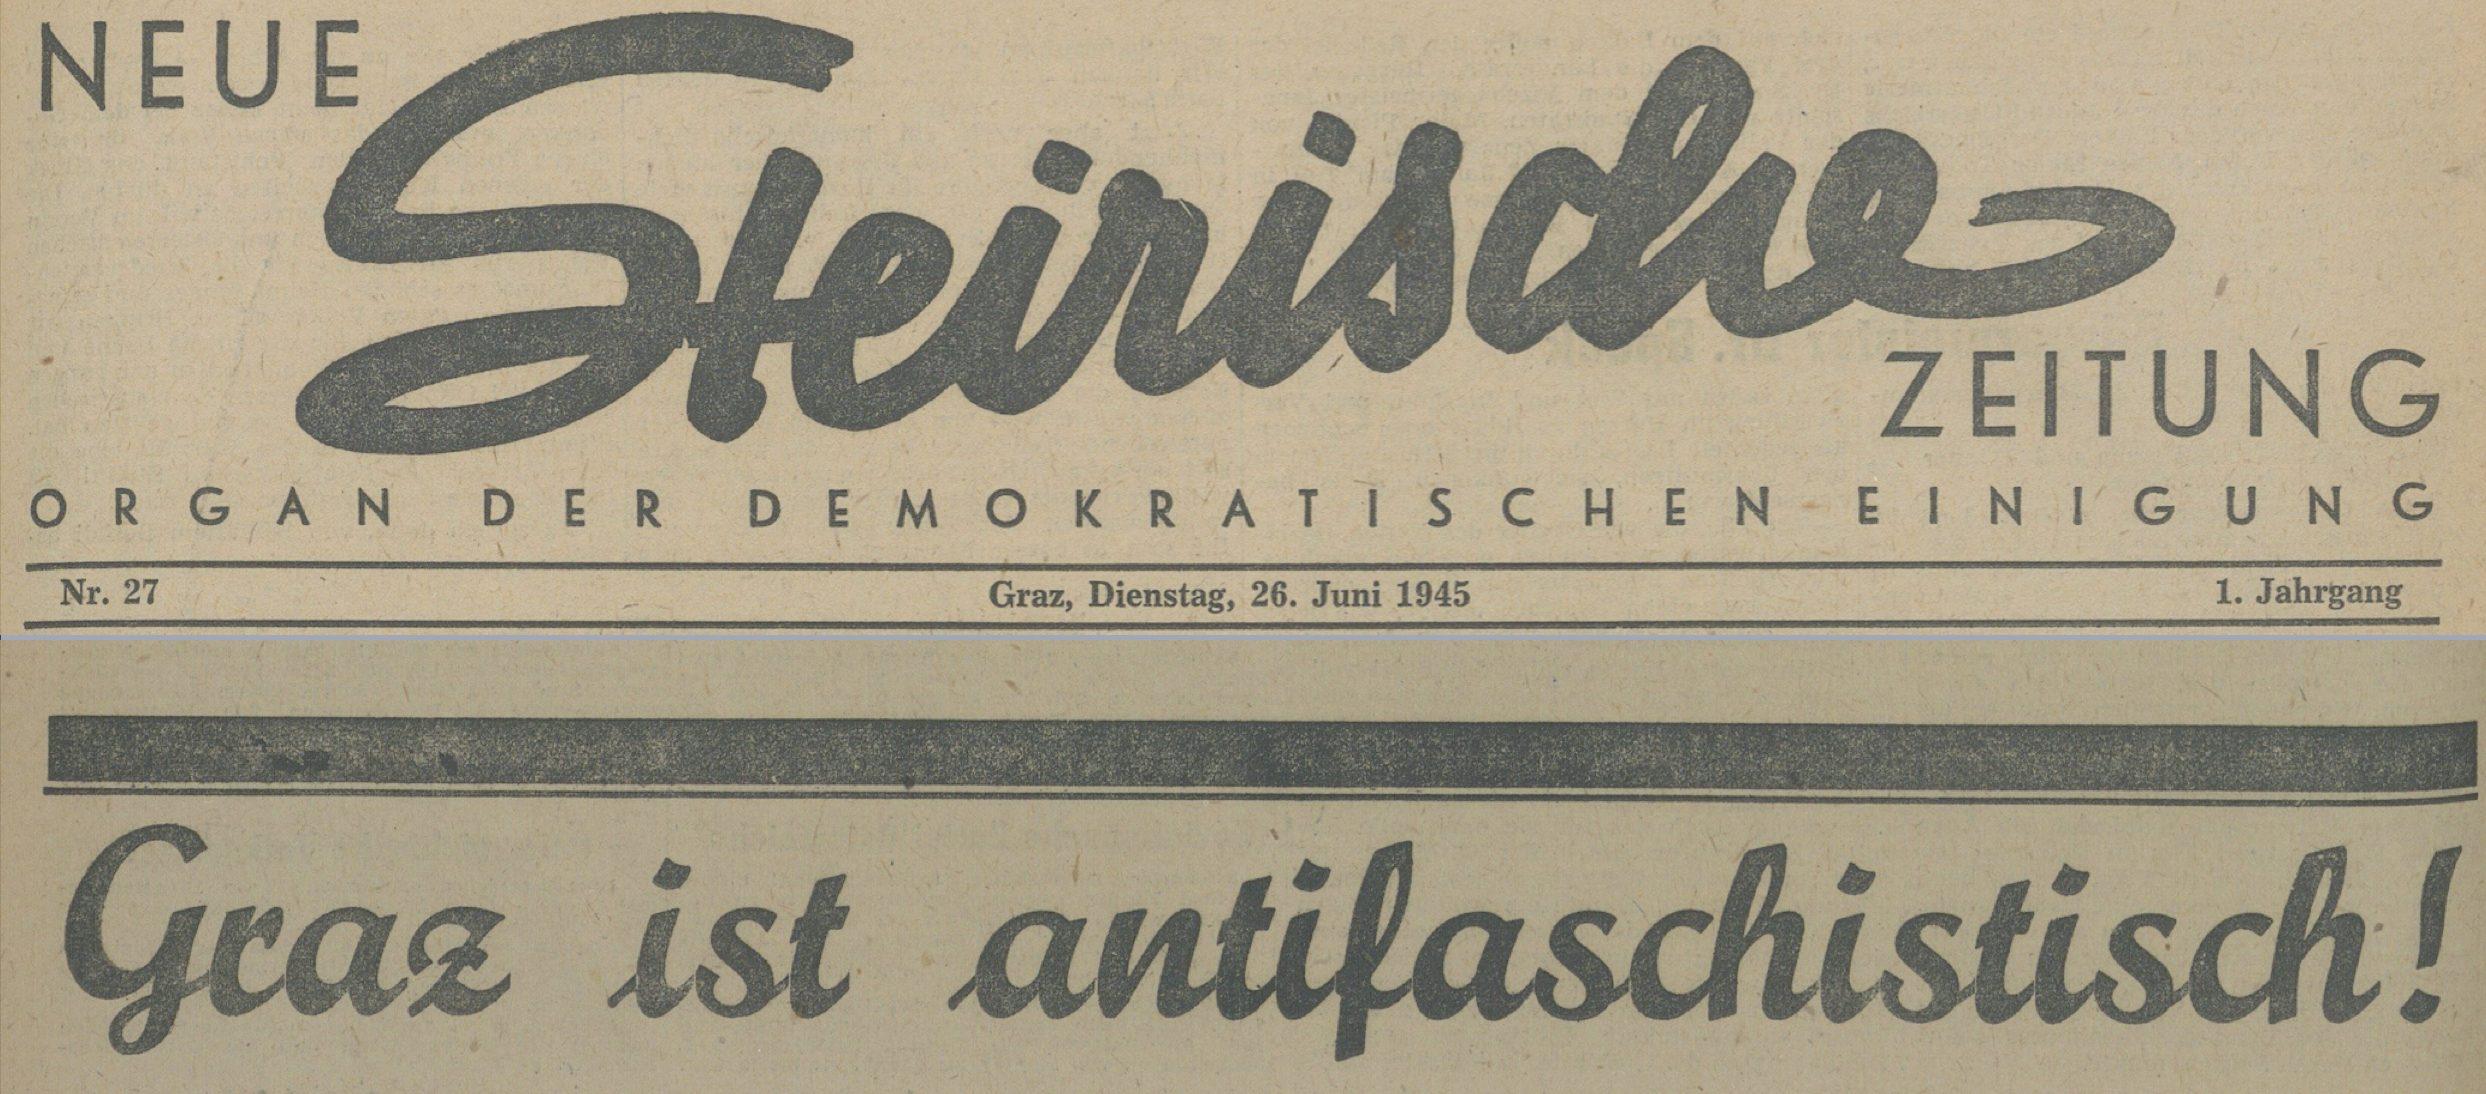 Grazer Volksblatt 26.6.1945: Graz ist antifaschistisch!